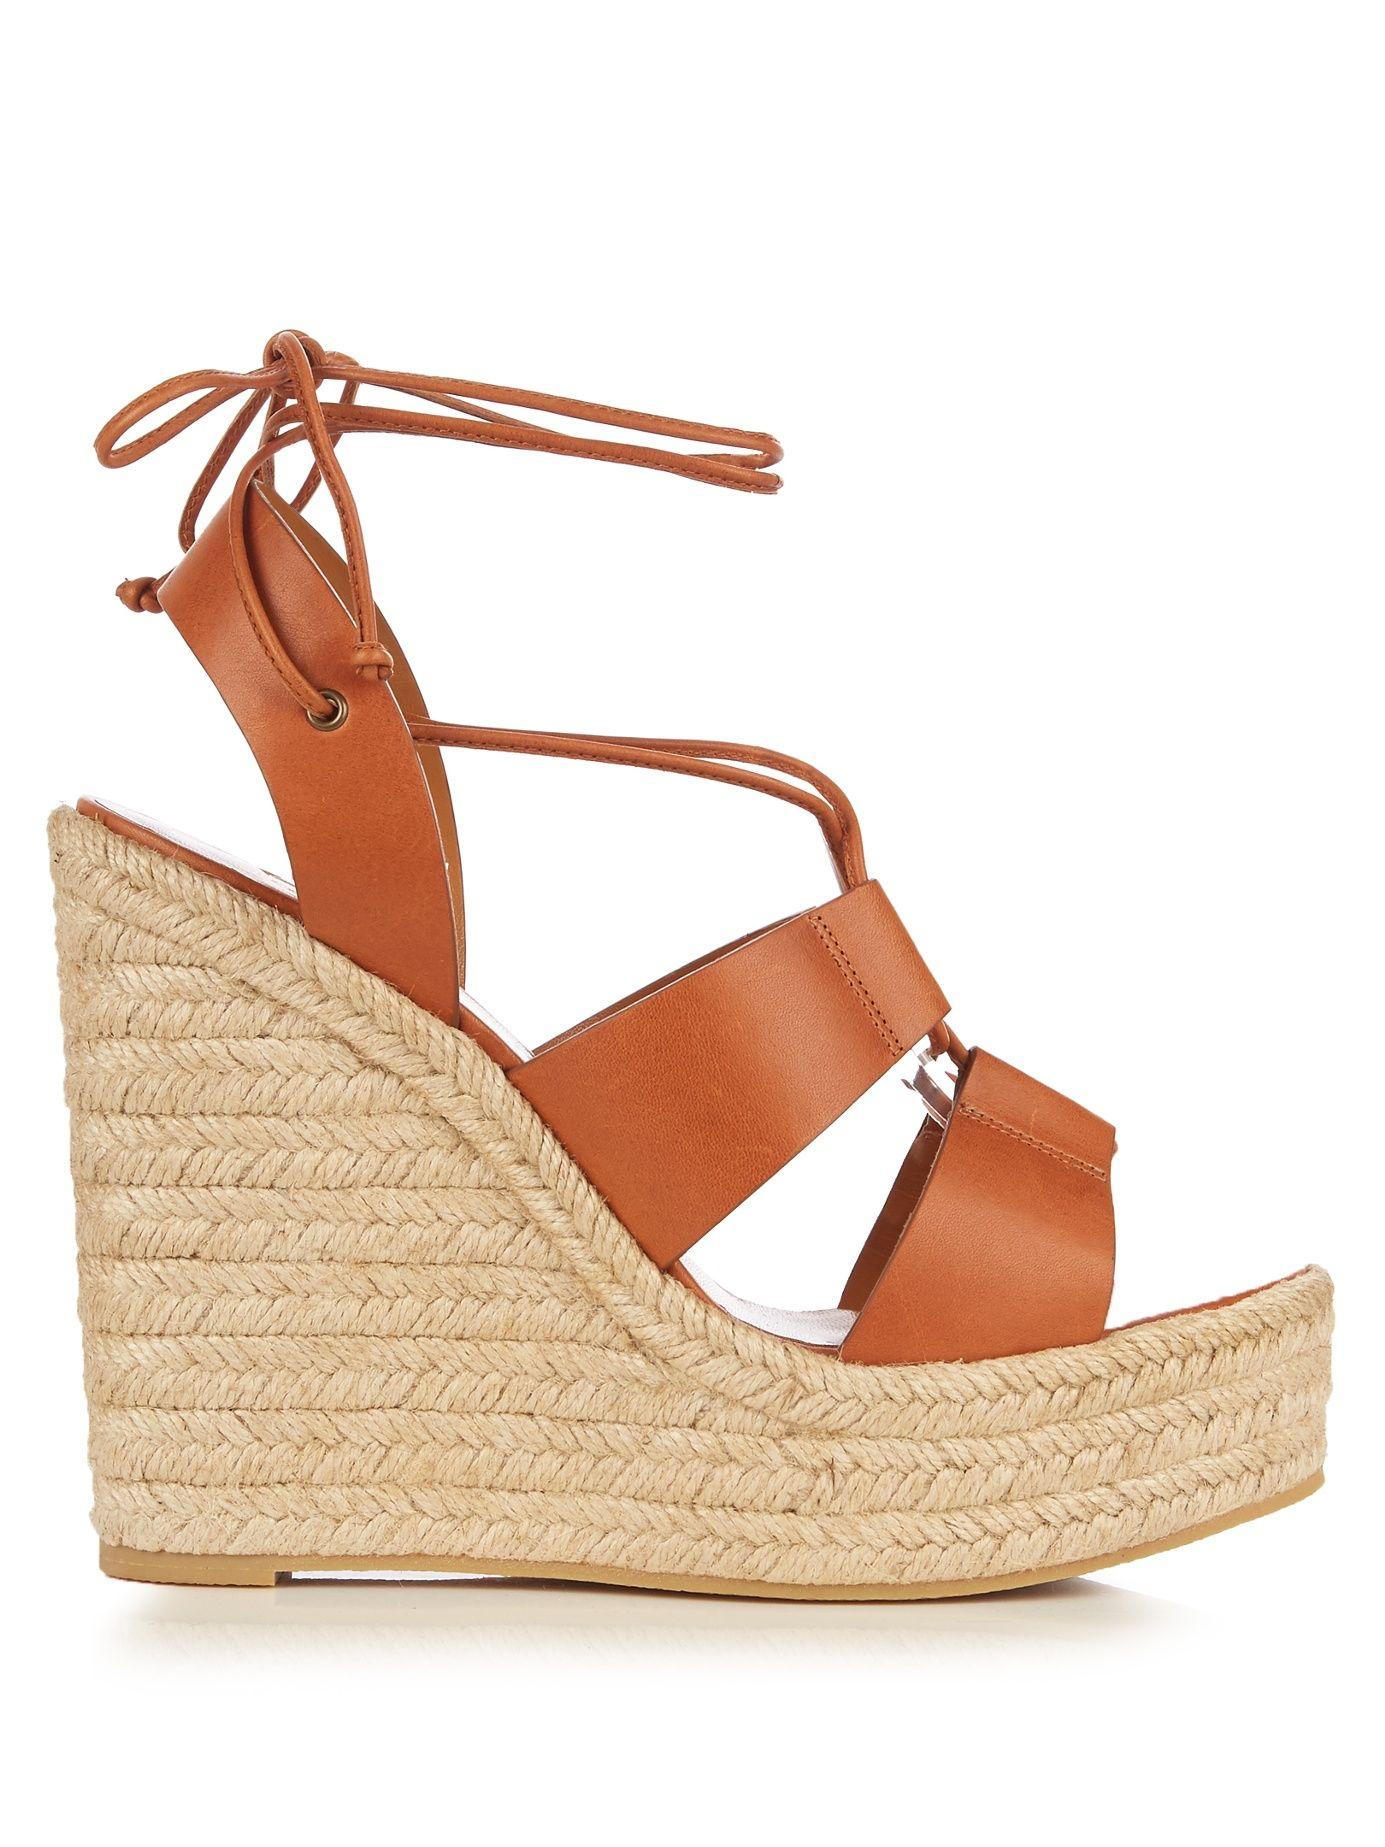 25c4be7f593 Lace-up espadrille leather wedge sandals | Saint Laurent ...